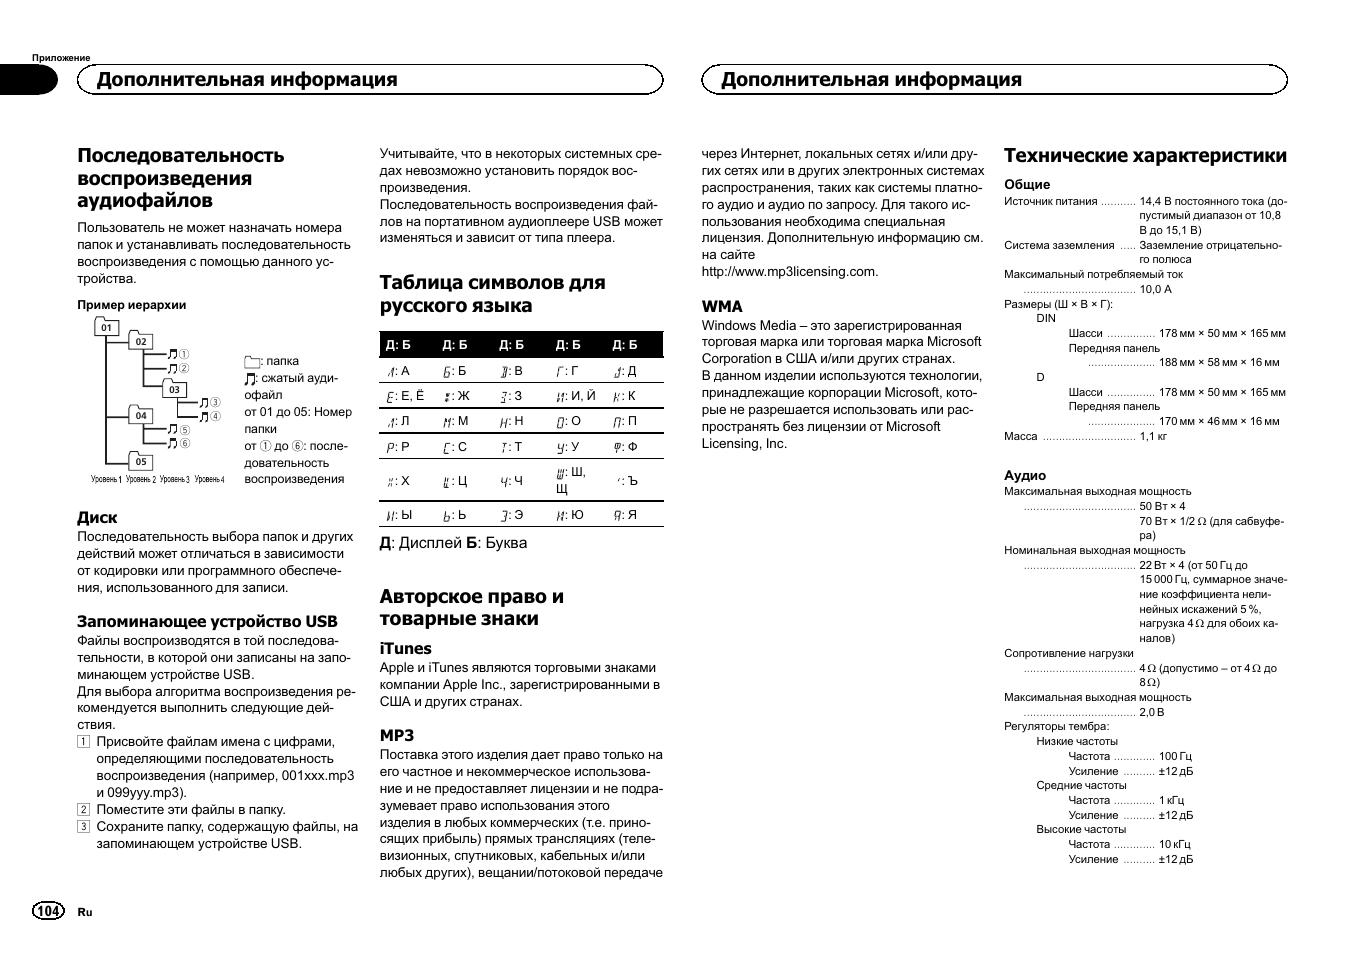 Последовательность воспроизведения аудиофайлов, Таблица